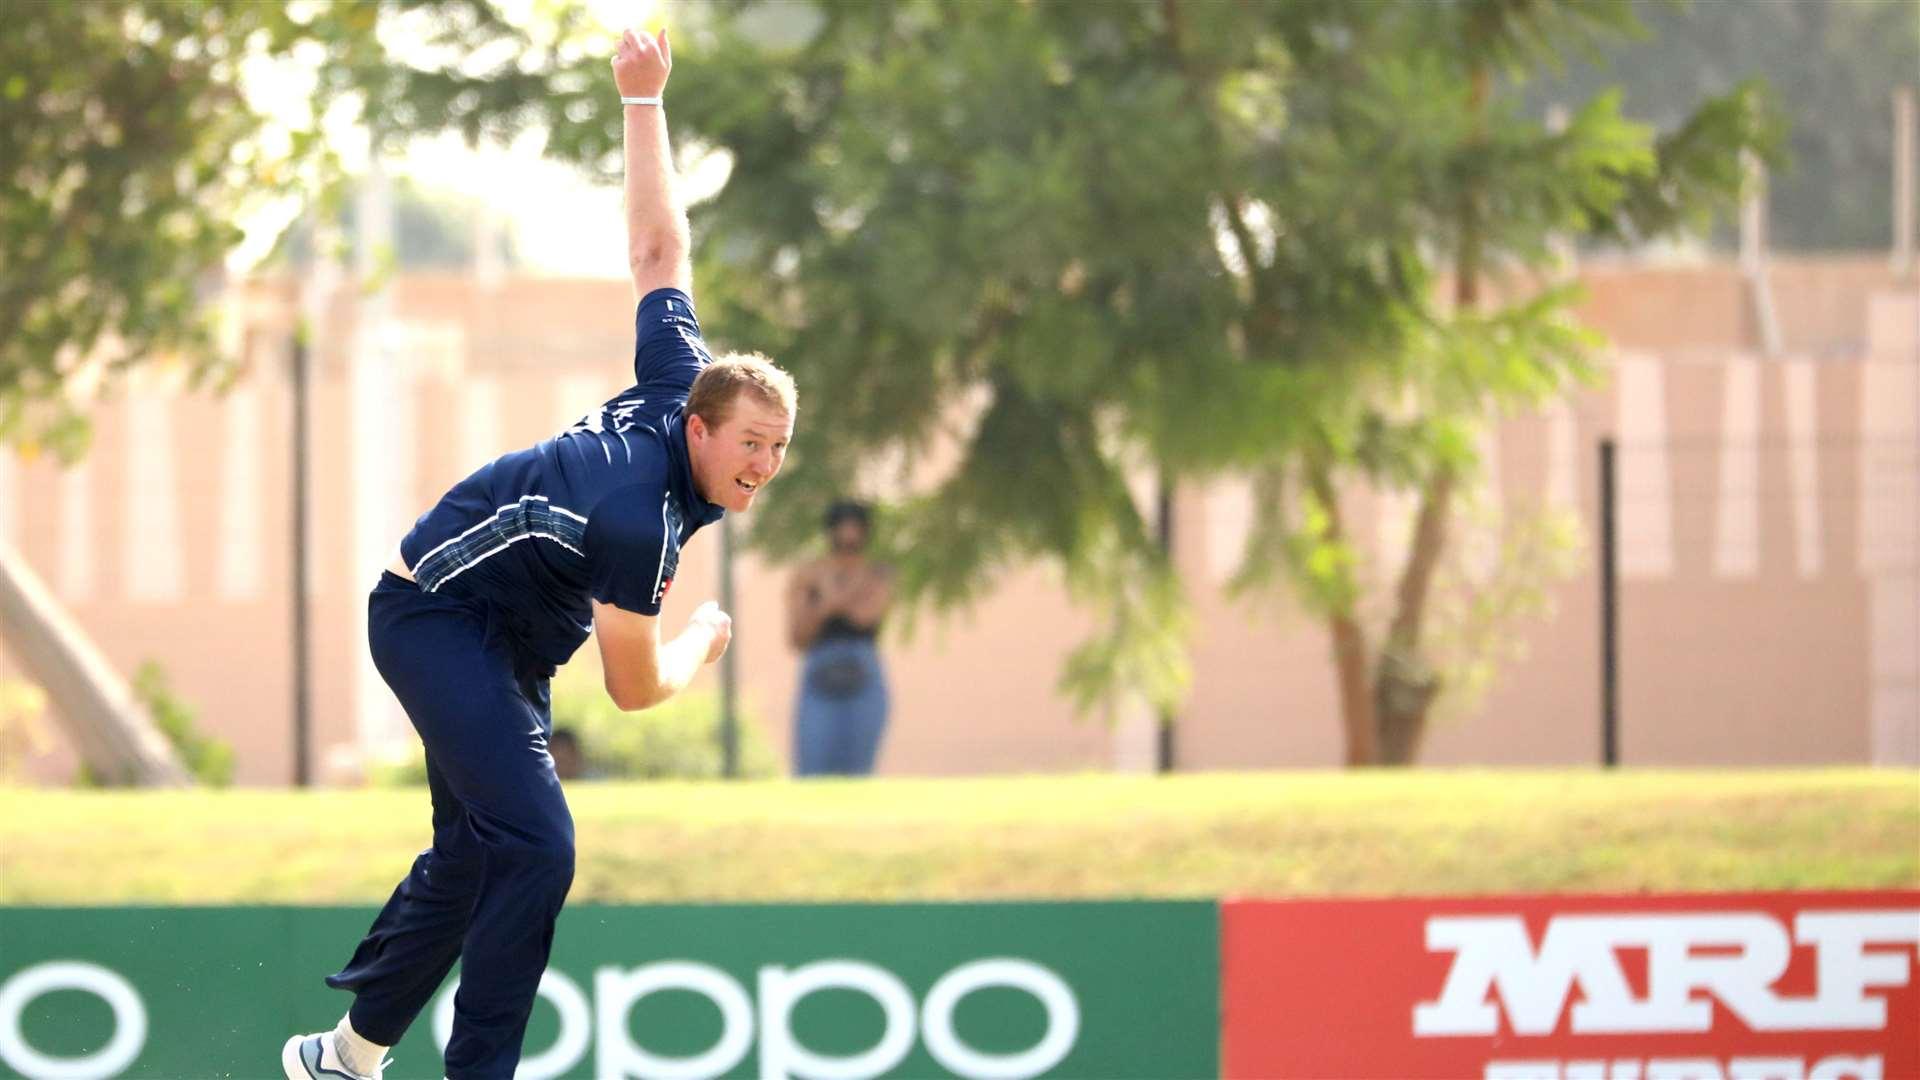 De voormalige cricketspeler van County Nairn en Northern Territories Adrian Neal is benoemd tot lid van de selectie van Schotland.